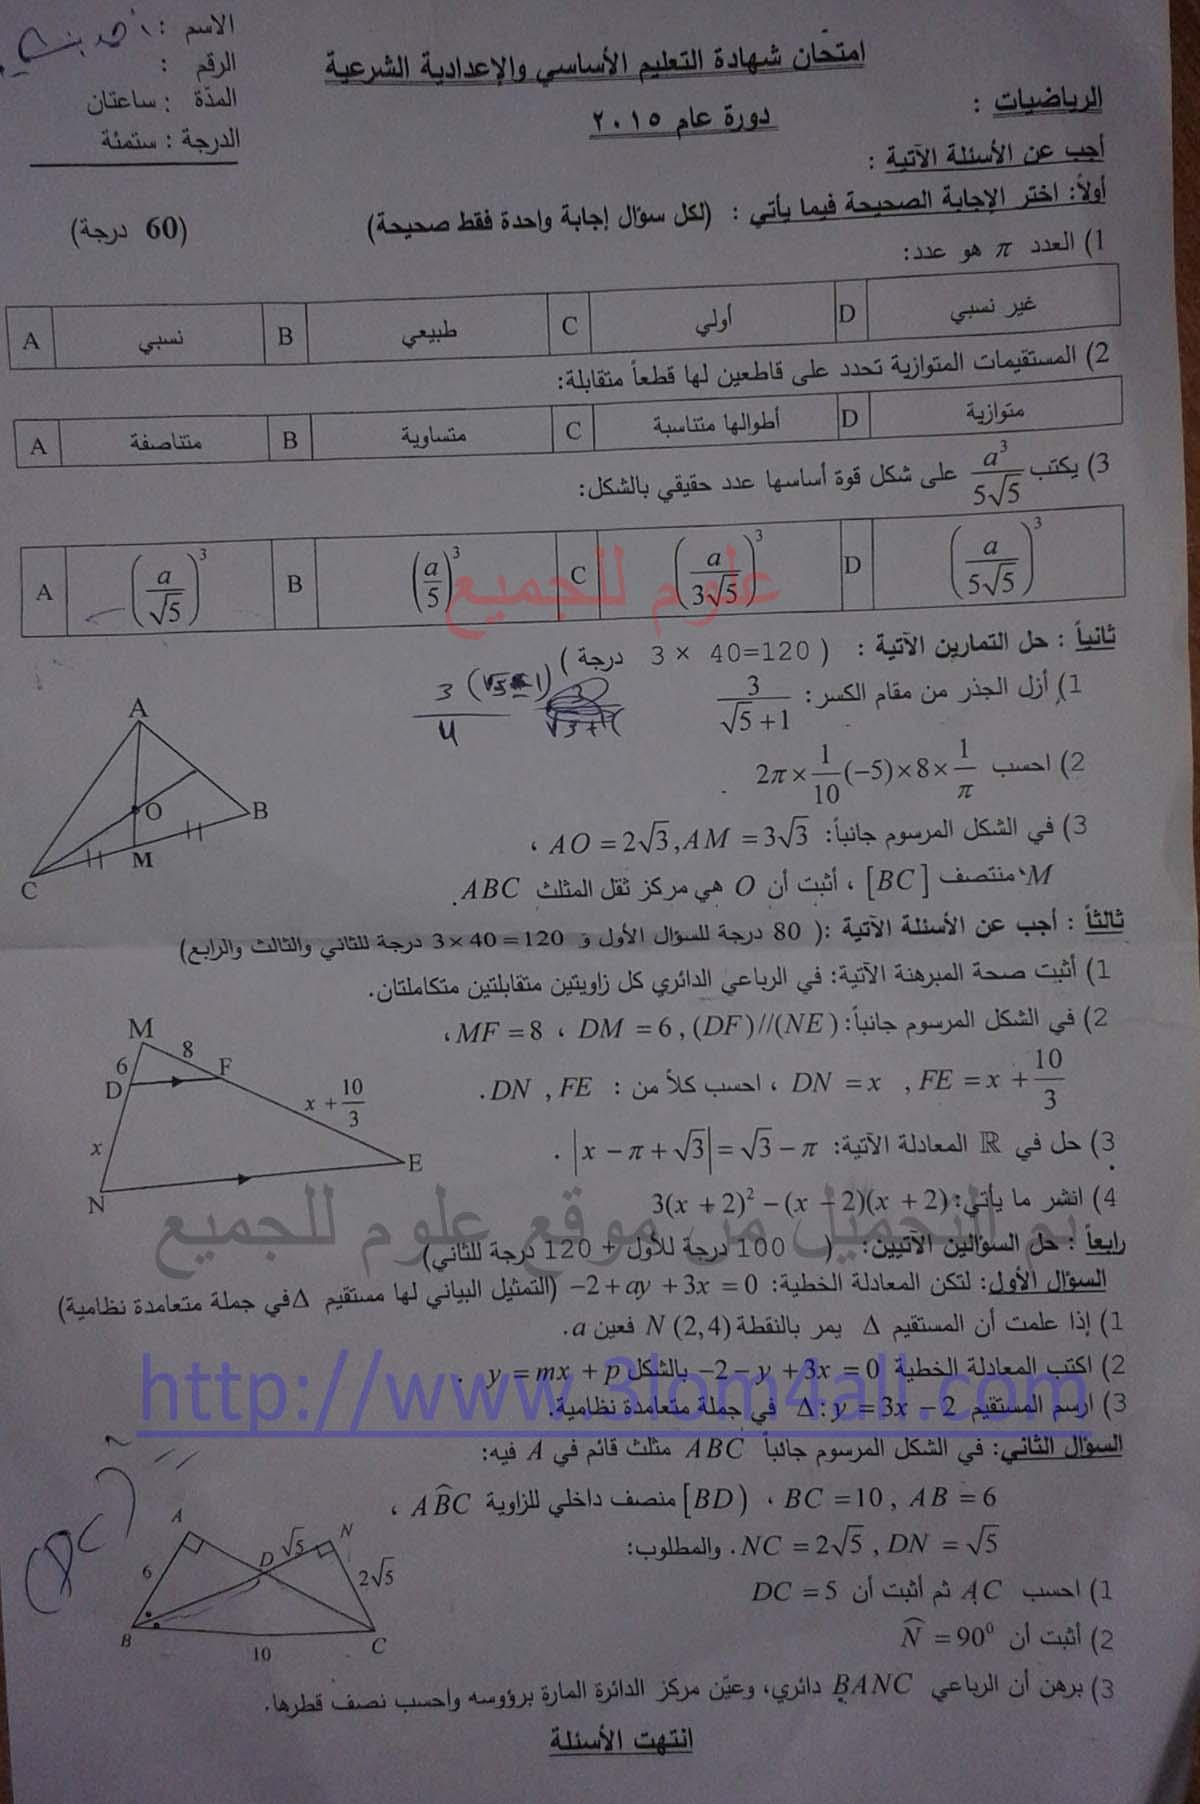 رد: ورقة اسئلة امتحان التاسع مادة الرياضيات 2015 - تربية اللاذقية